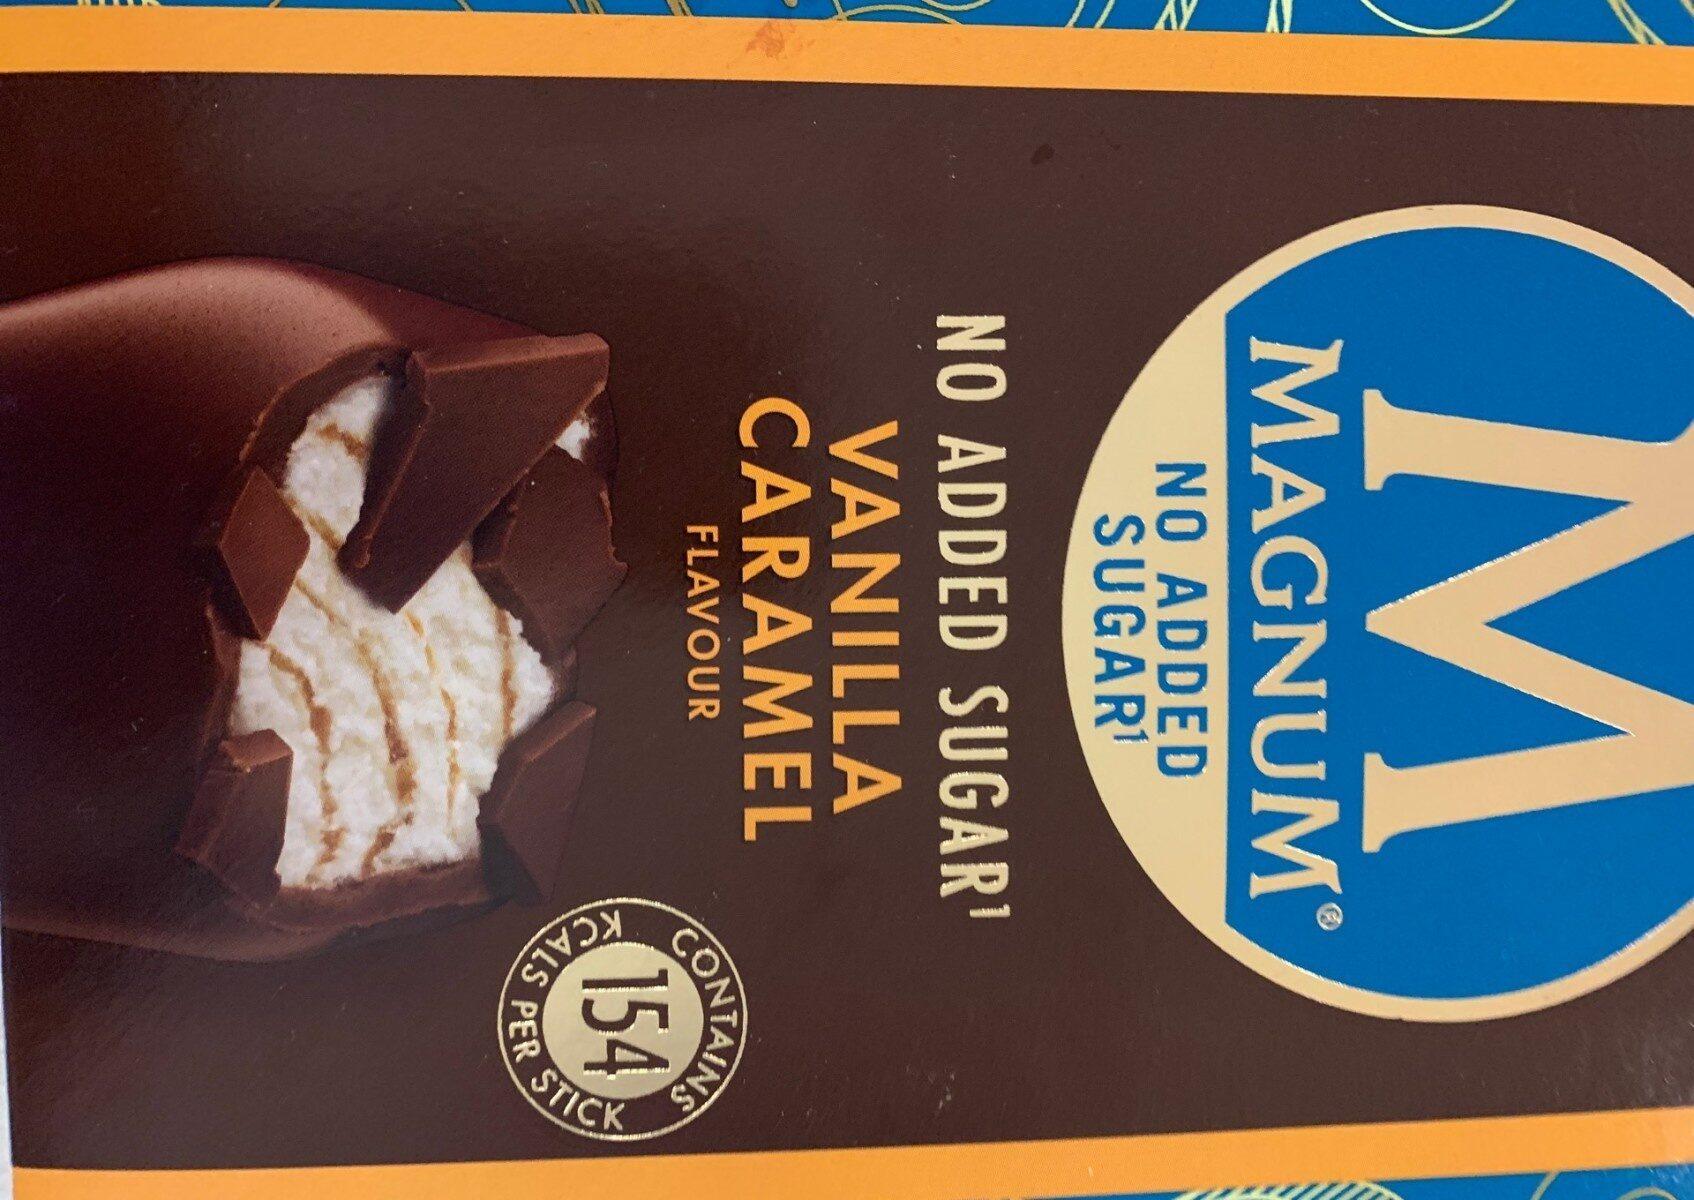 Magnum no added sugar - Produkt - en